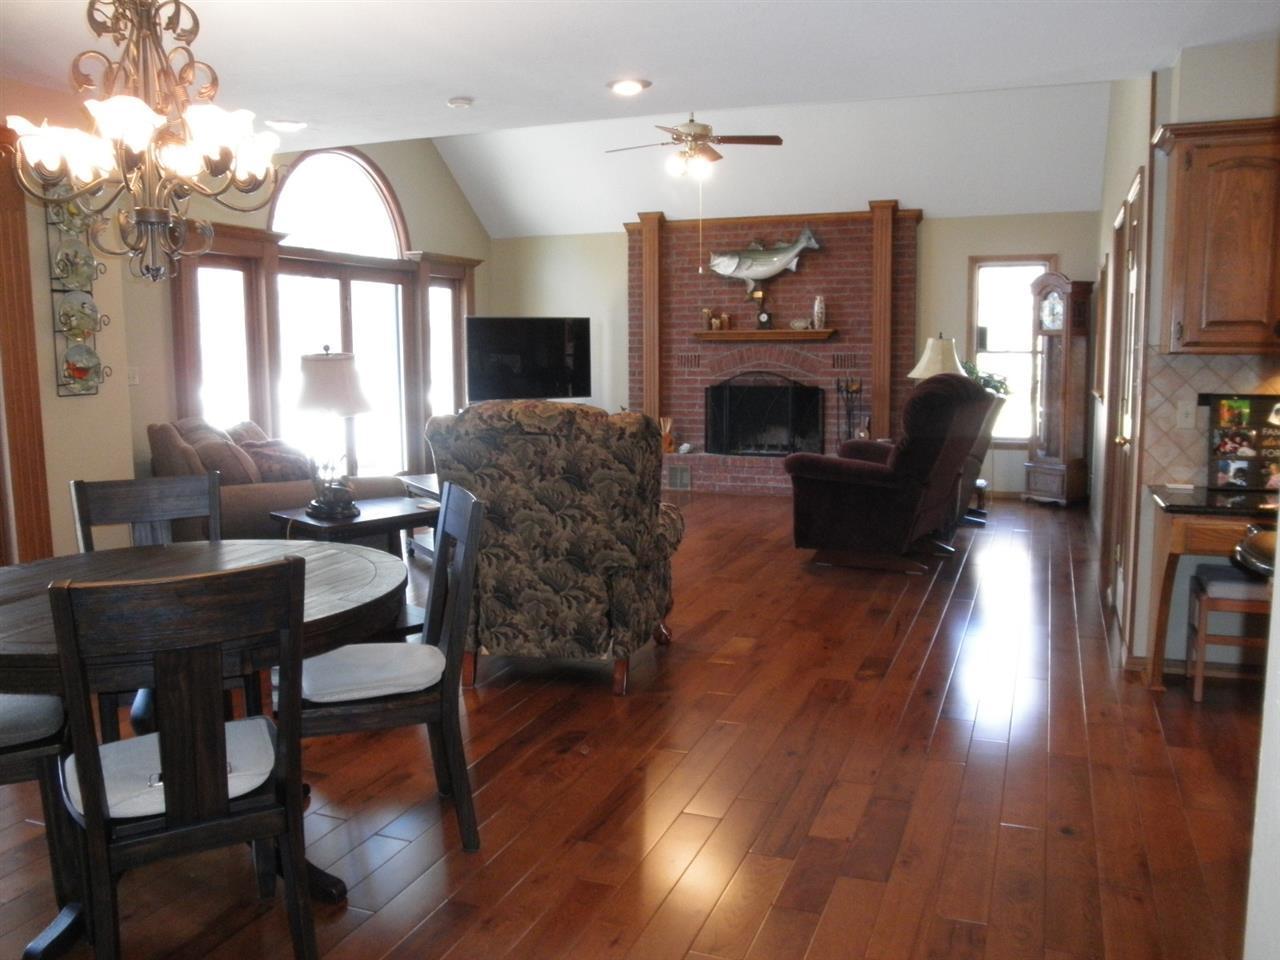 Sold Cross Sale W/ MLS | 15 Sherman Lane Ponca City, OK 74604 6